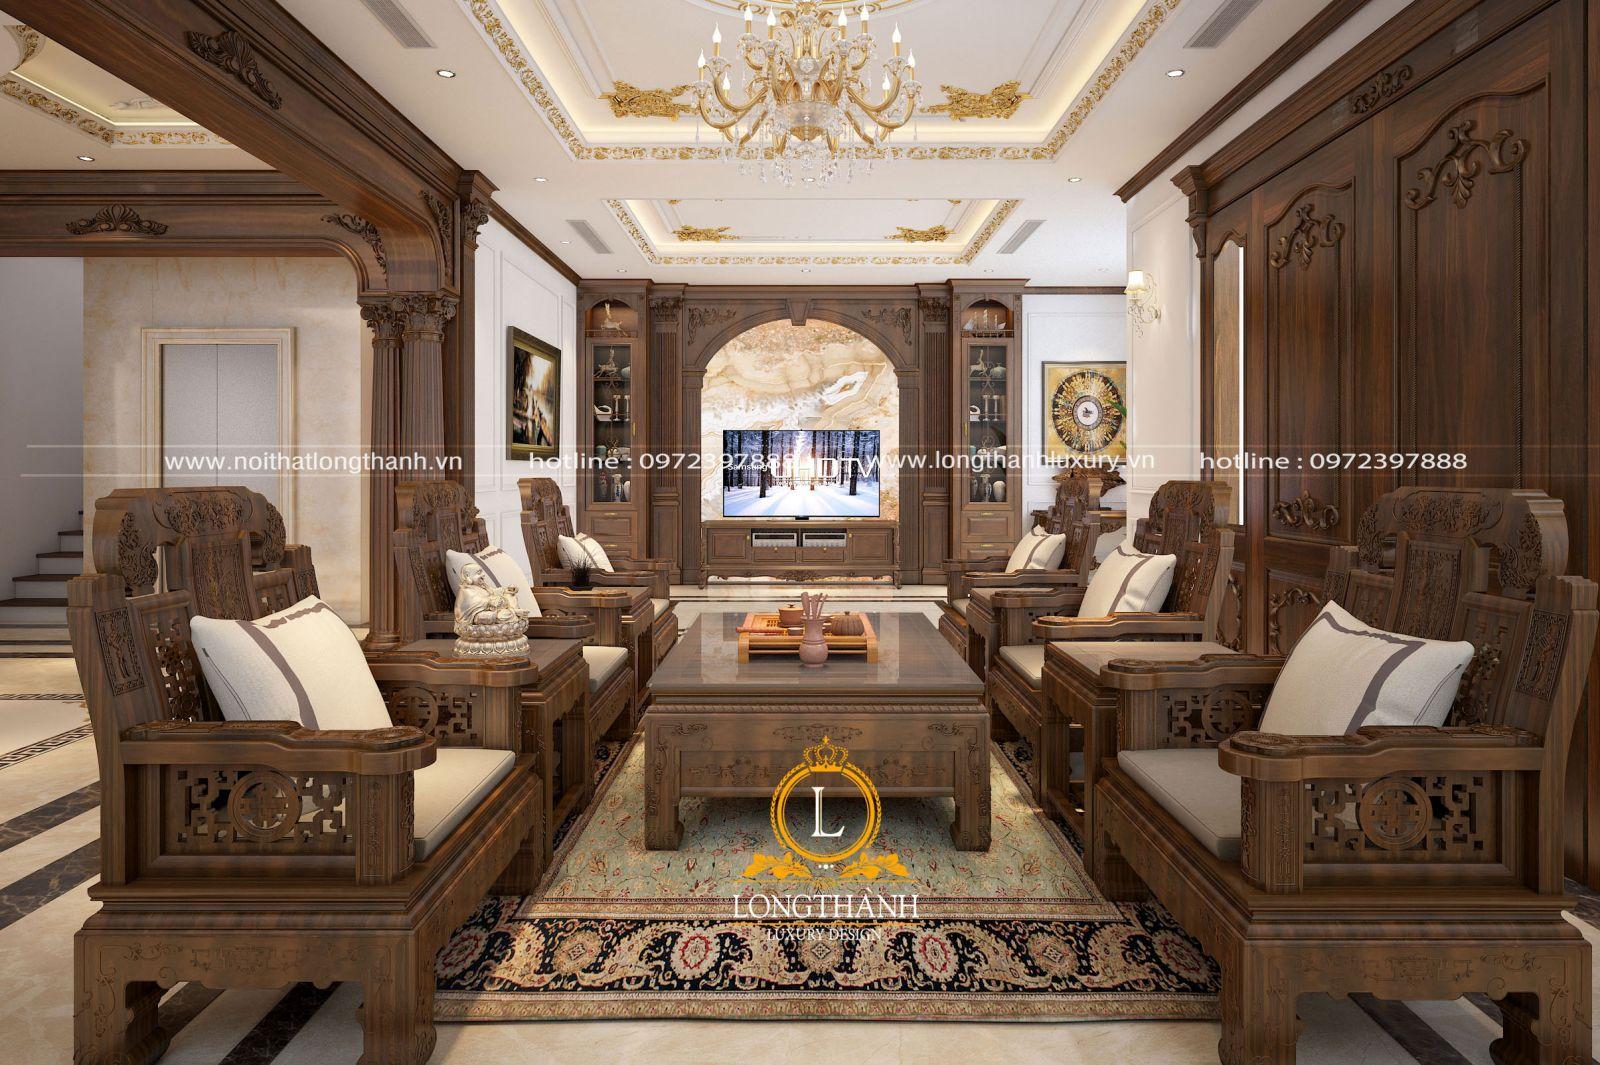 Thiết kế sofa tân cổ điển hiện đại cho phòng khách đẹp